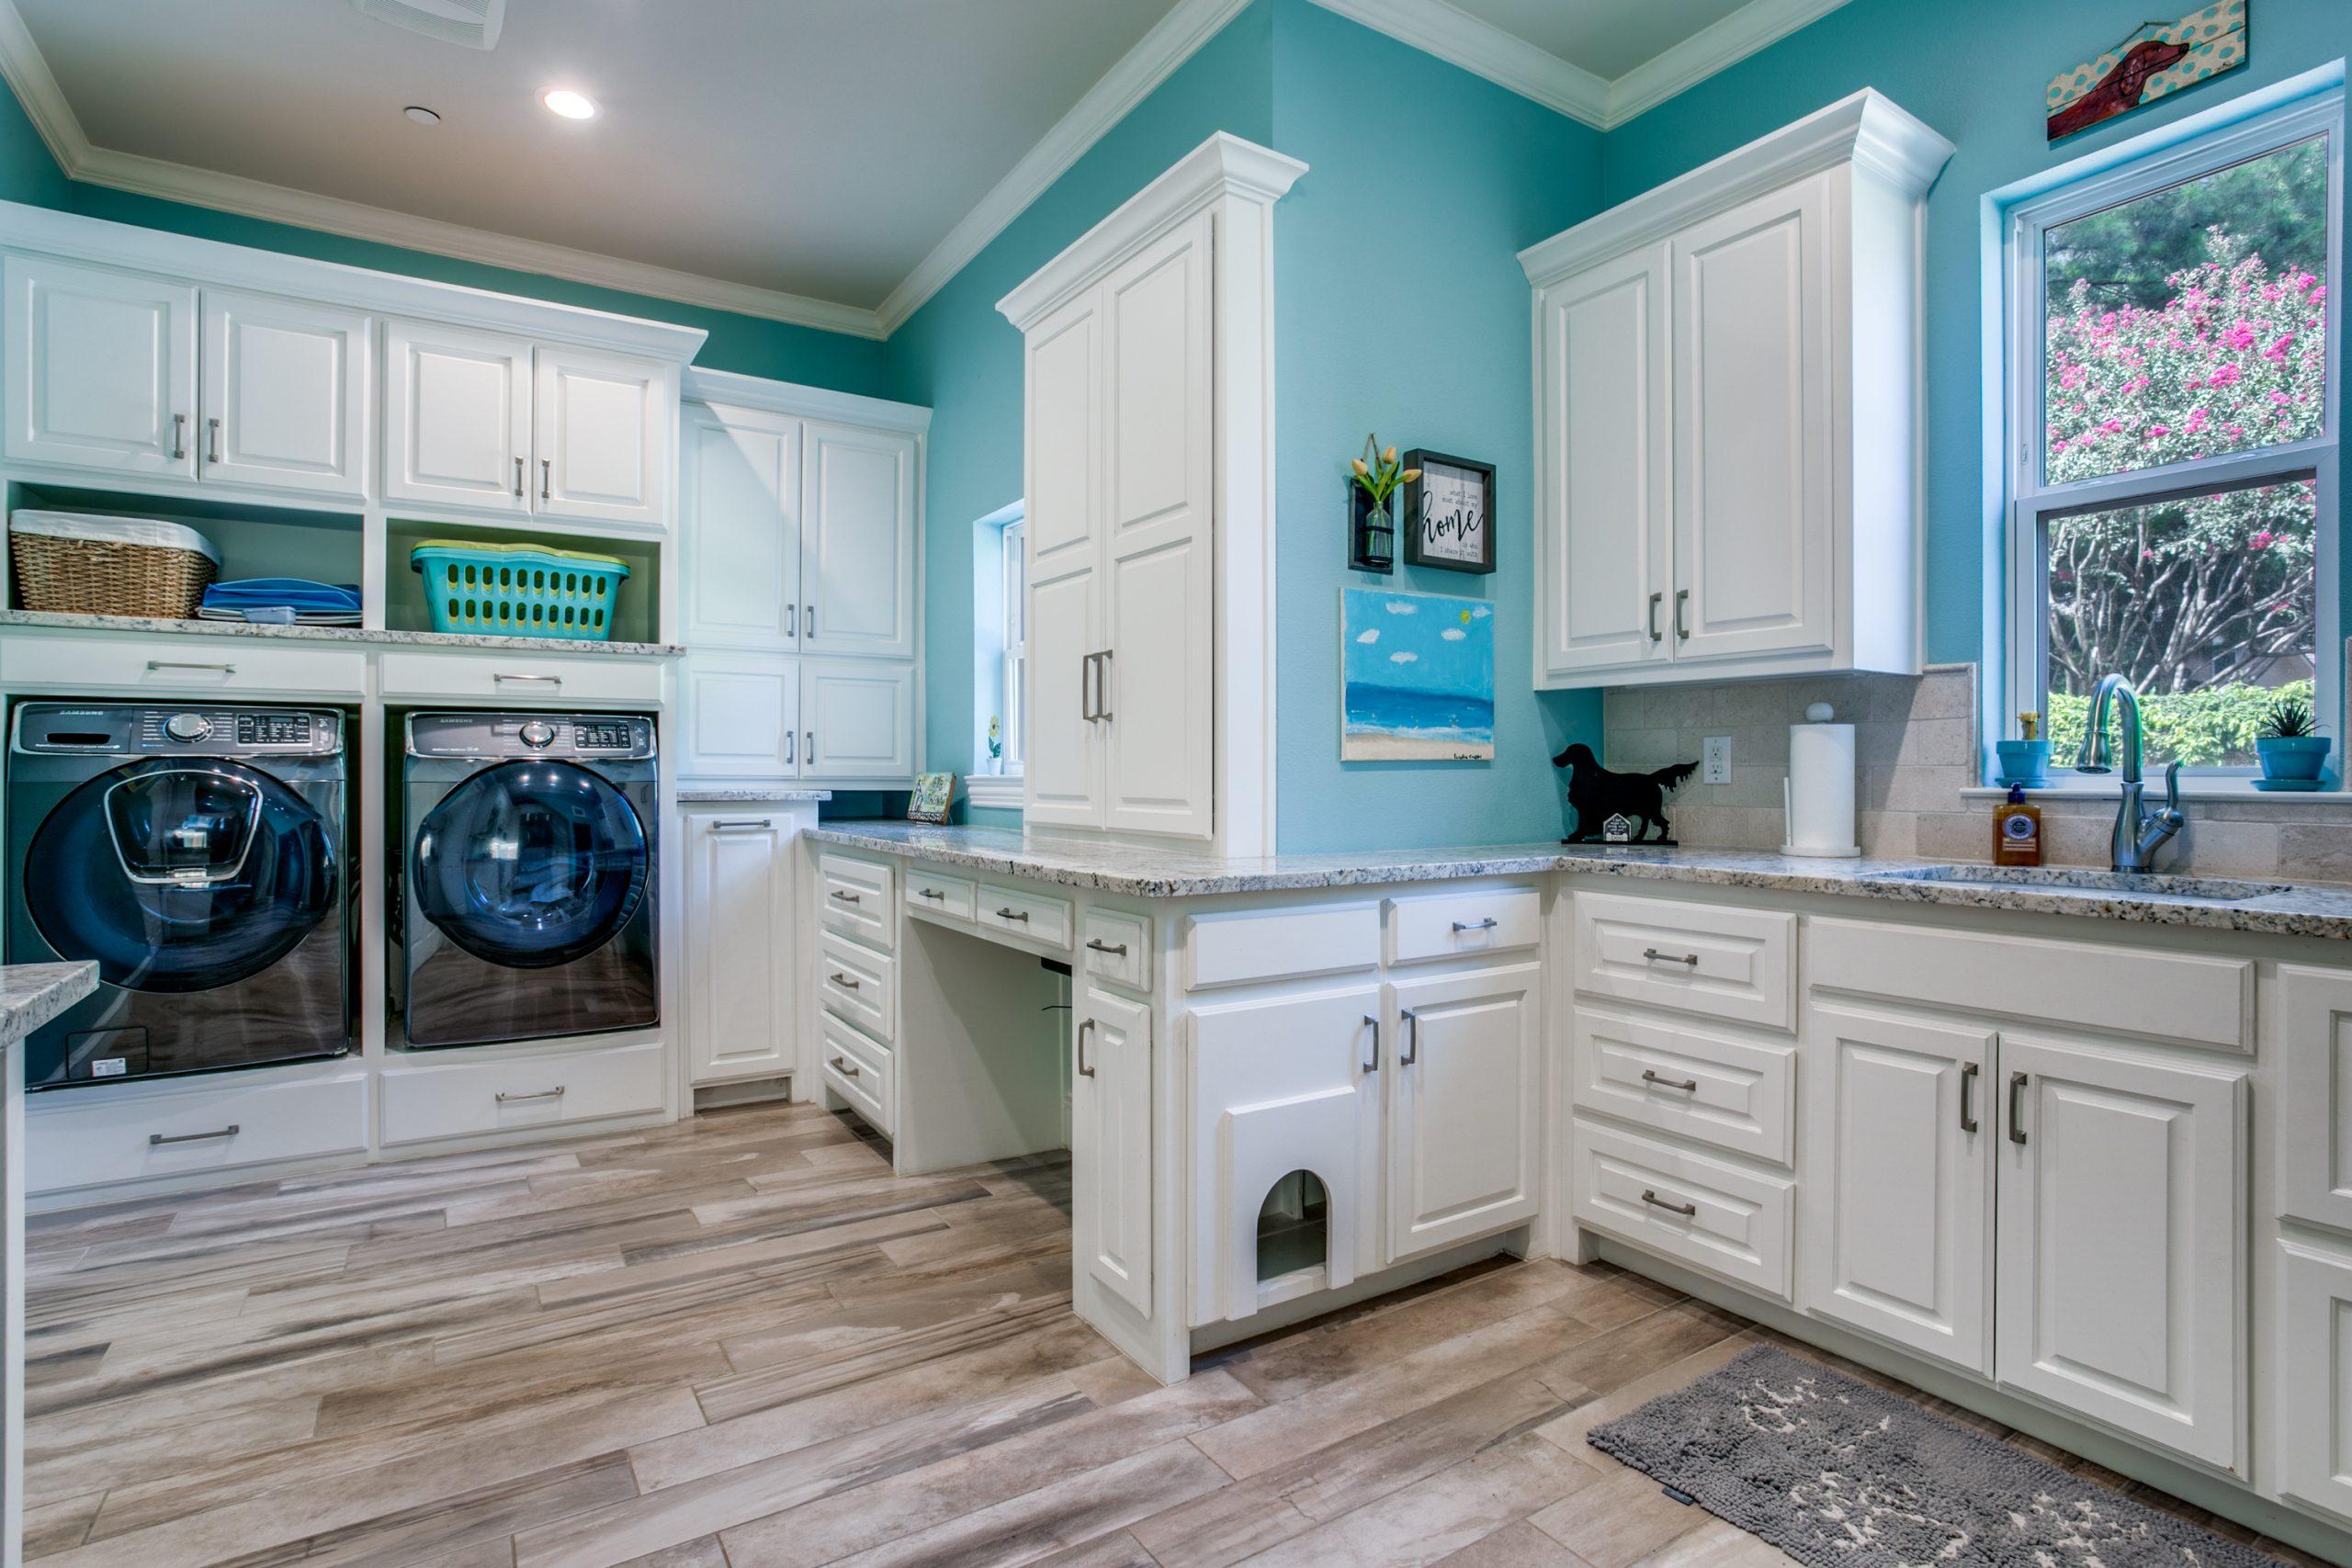 Timarron - Laundry Room